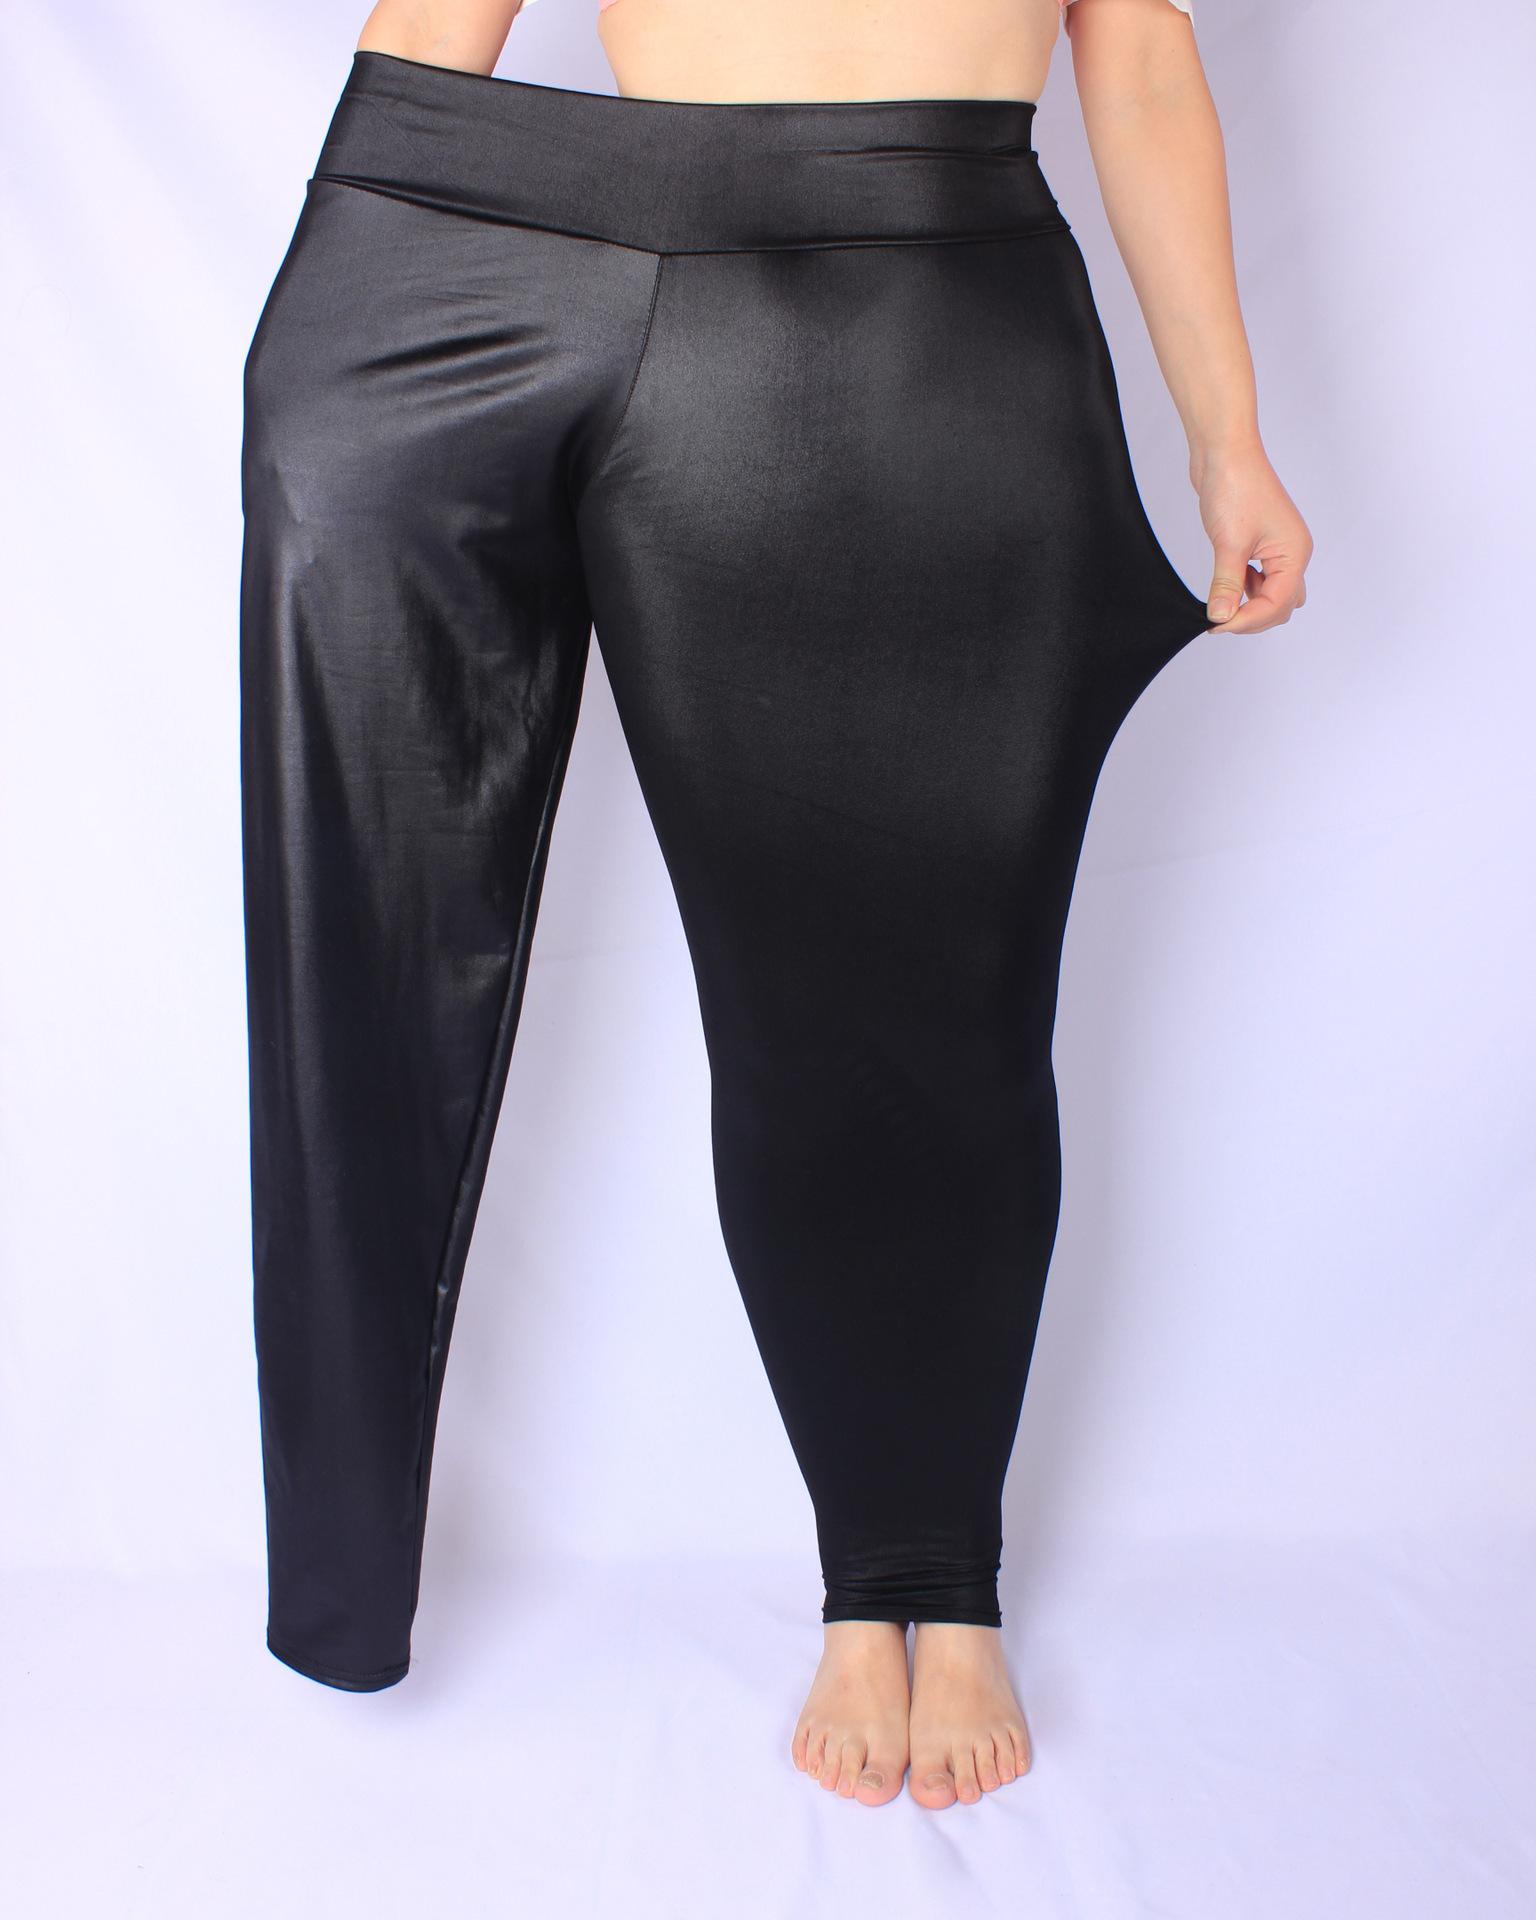 速賣通高腰仿皮褲胖MM彈力大碼小腳褲春季九分打底褲外穿一件代發